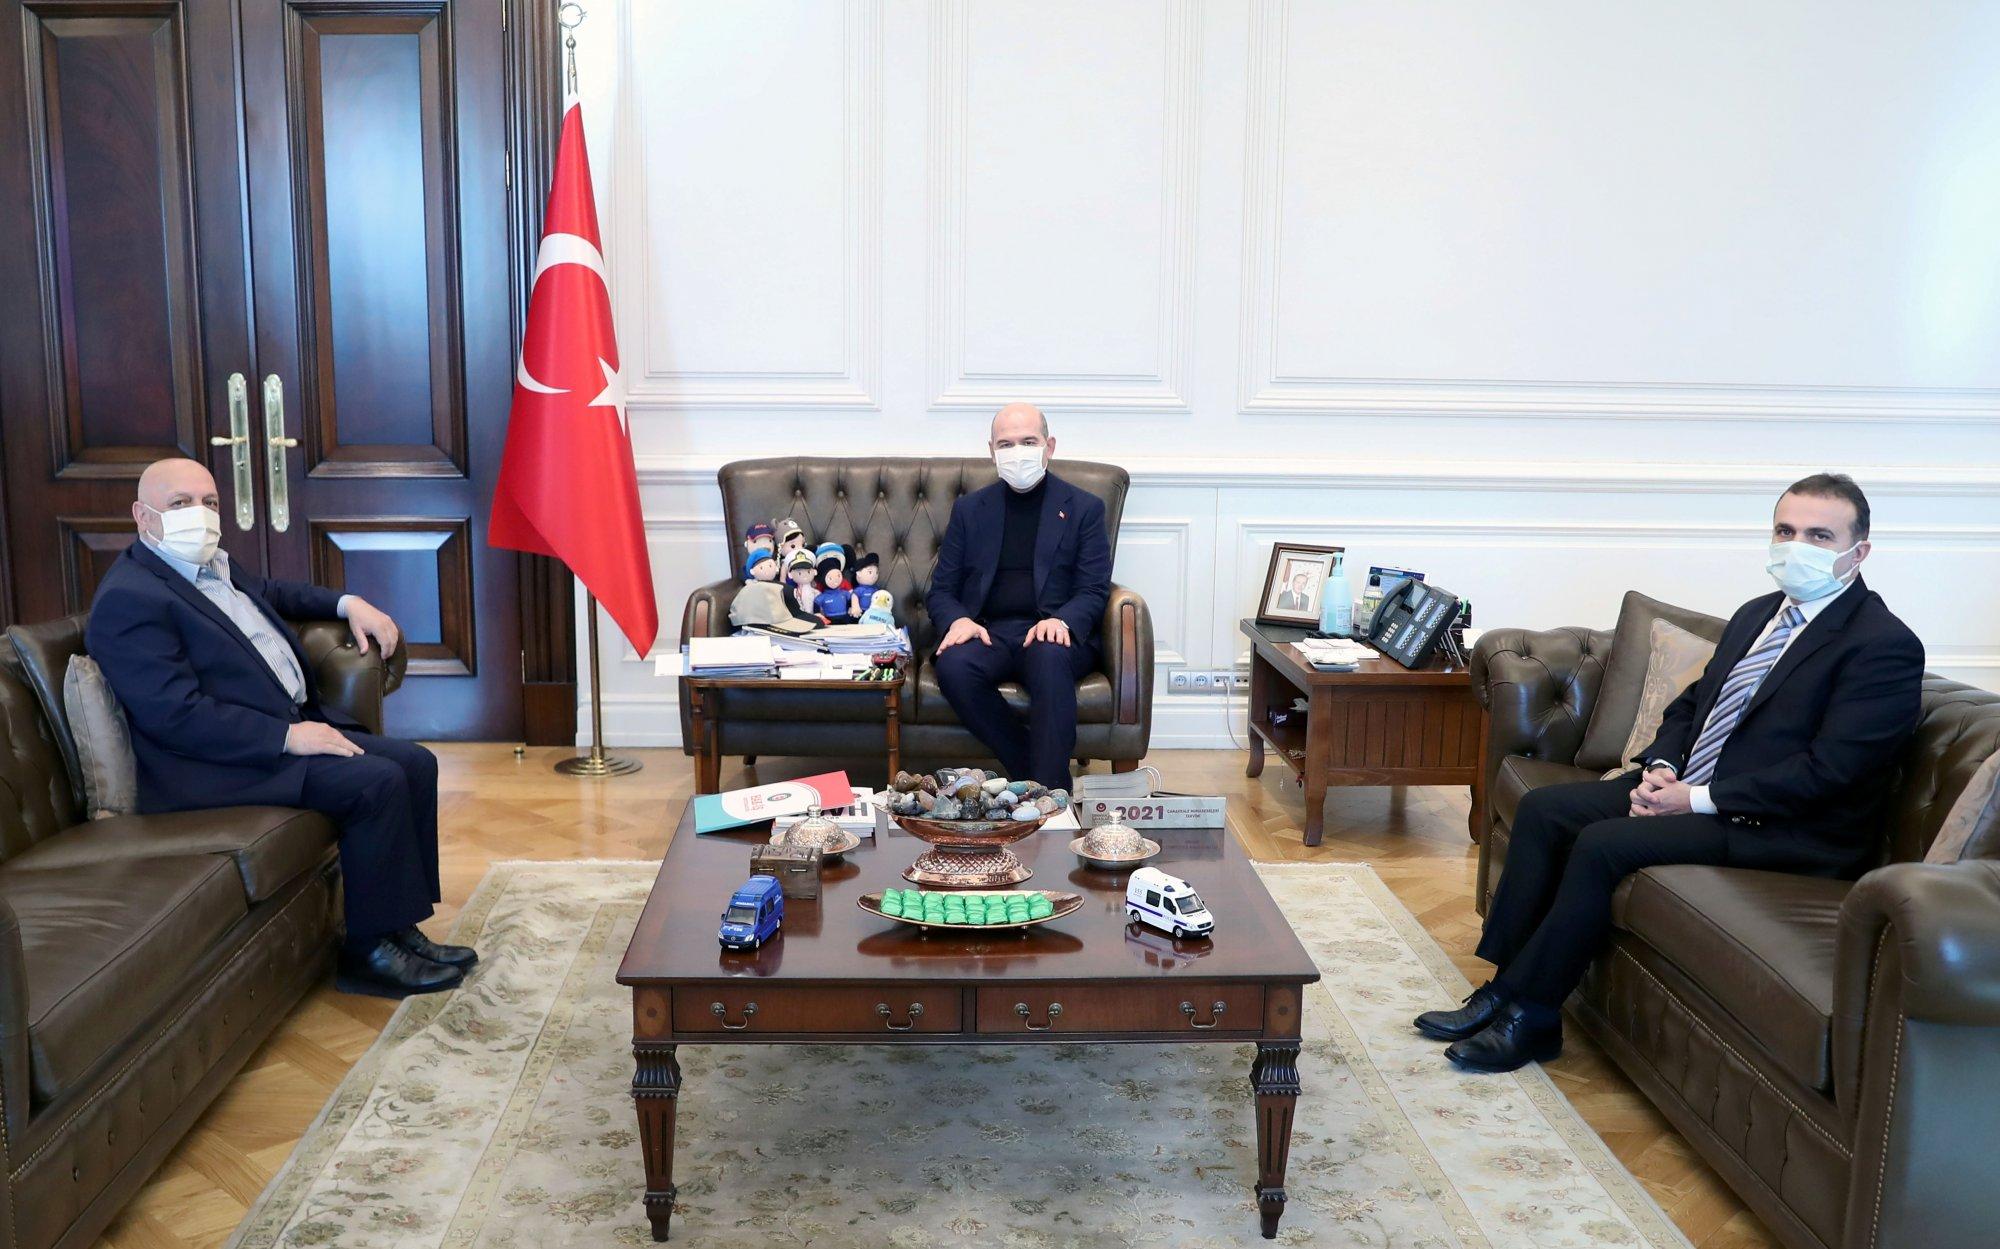 İÇİŞLERİ BAKANI SOYLU'YU ZİYARET ETTİK